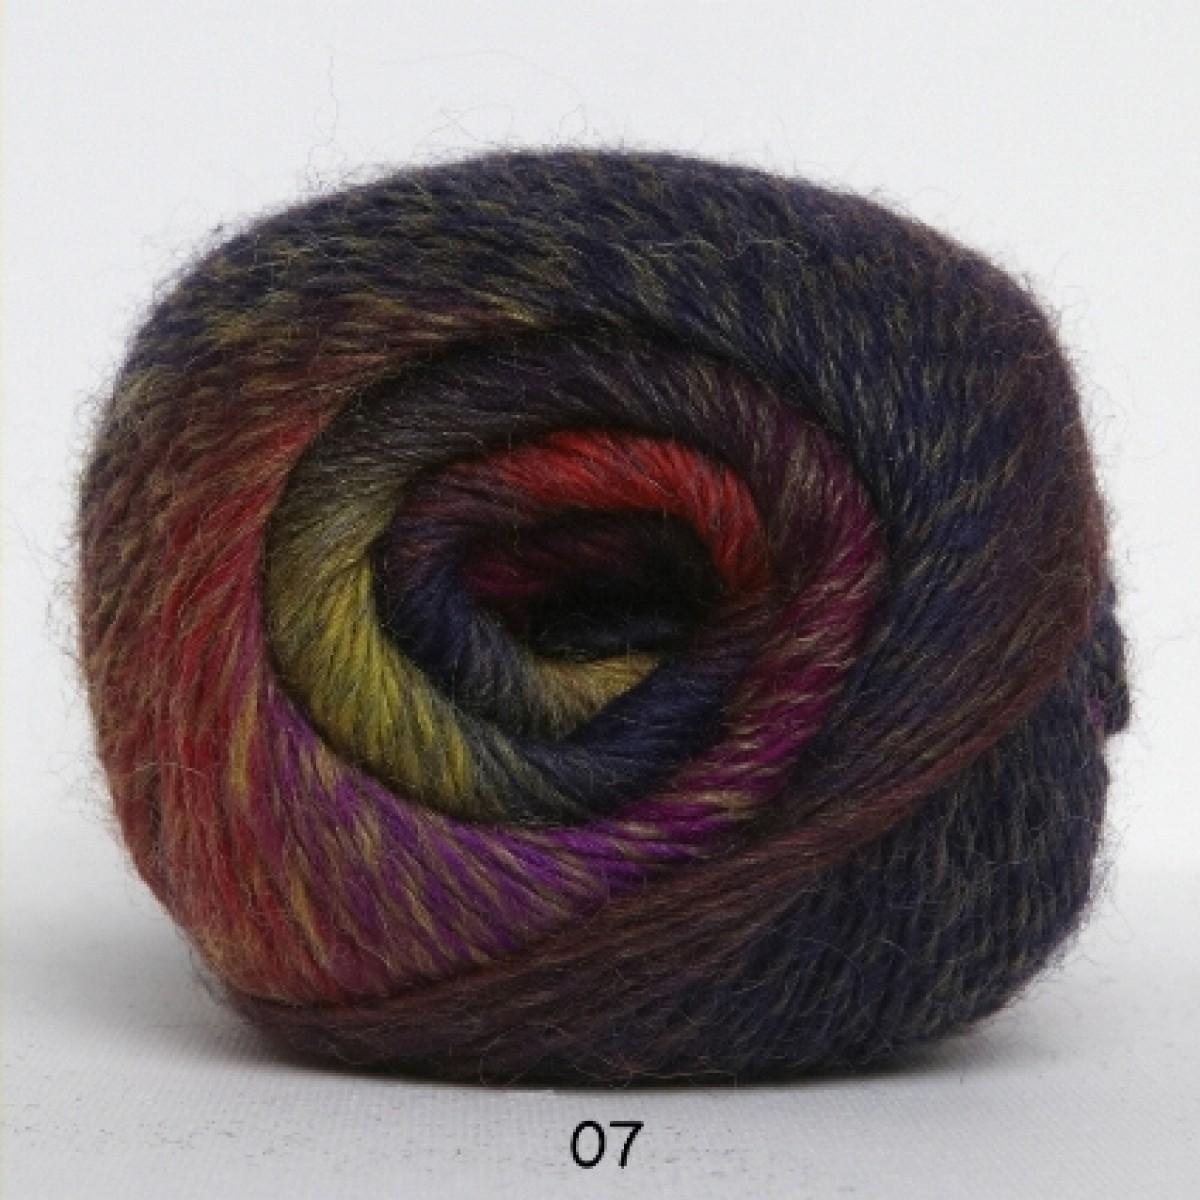 Kunstgarn 01 sortgrå